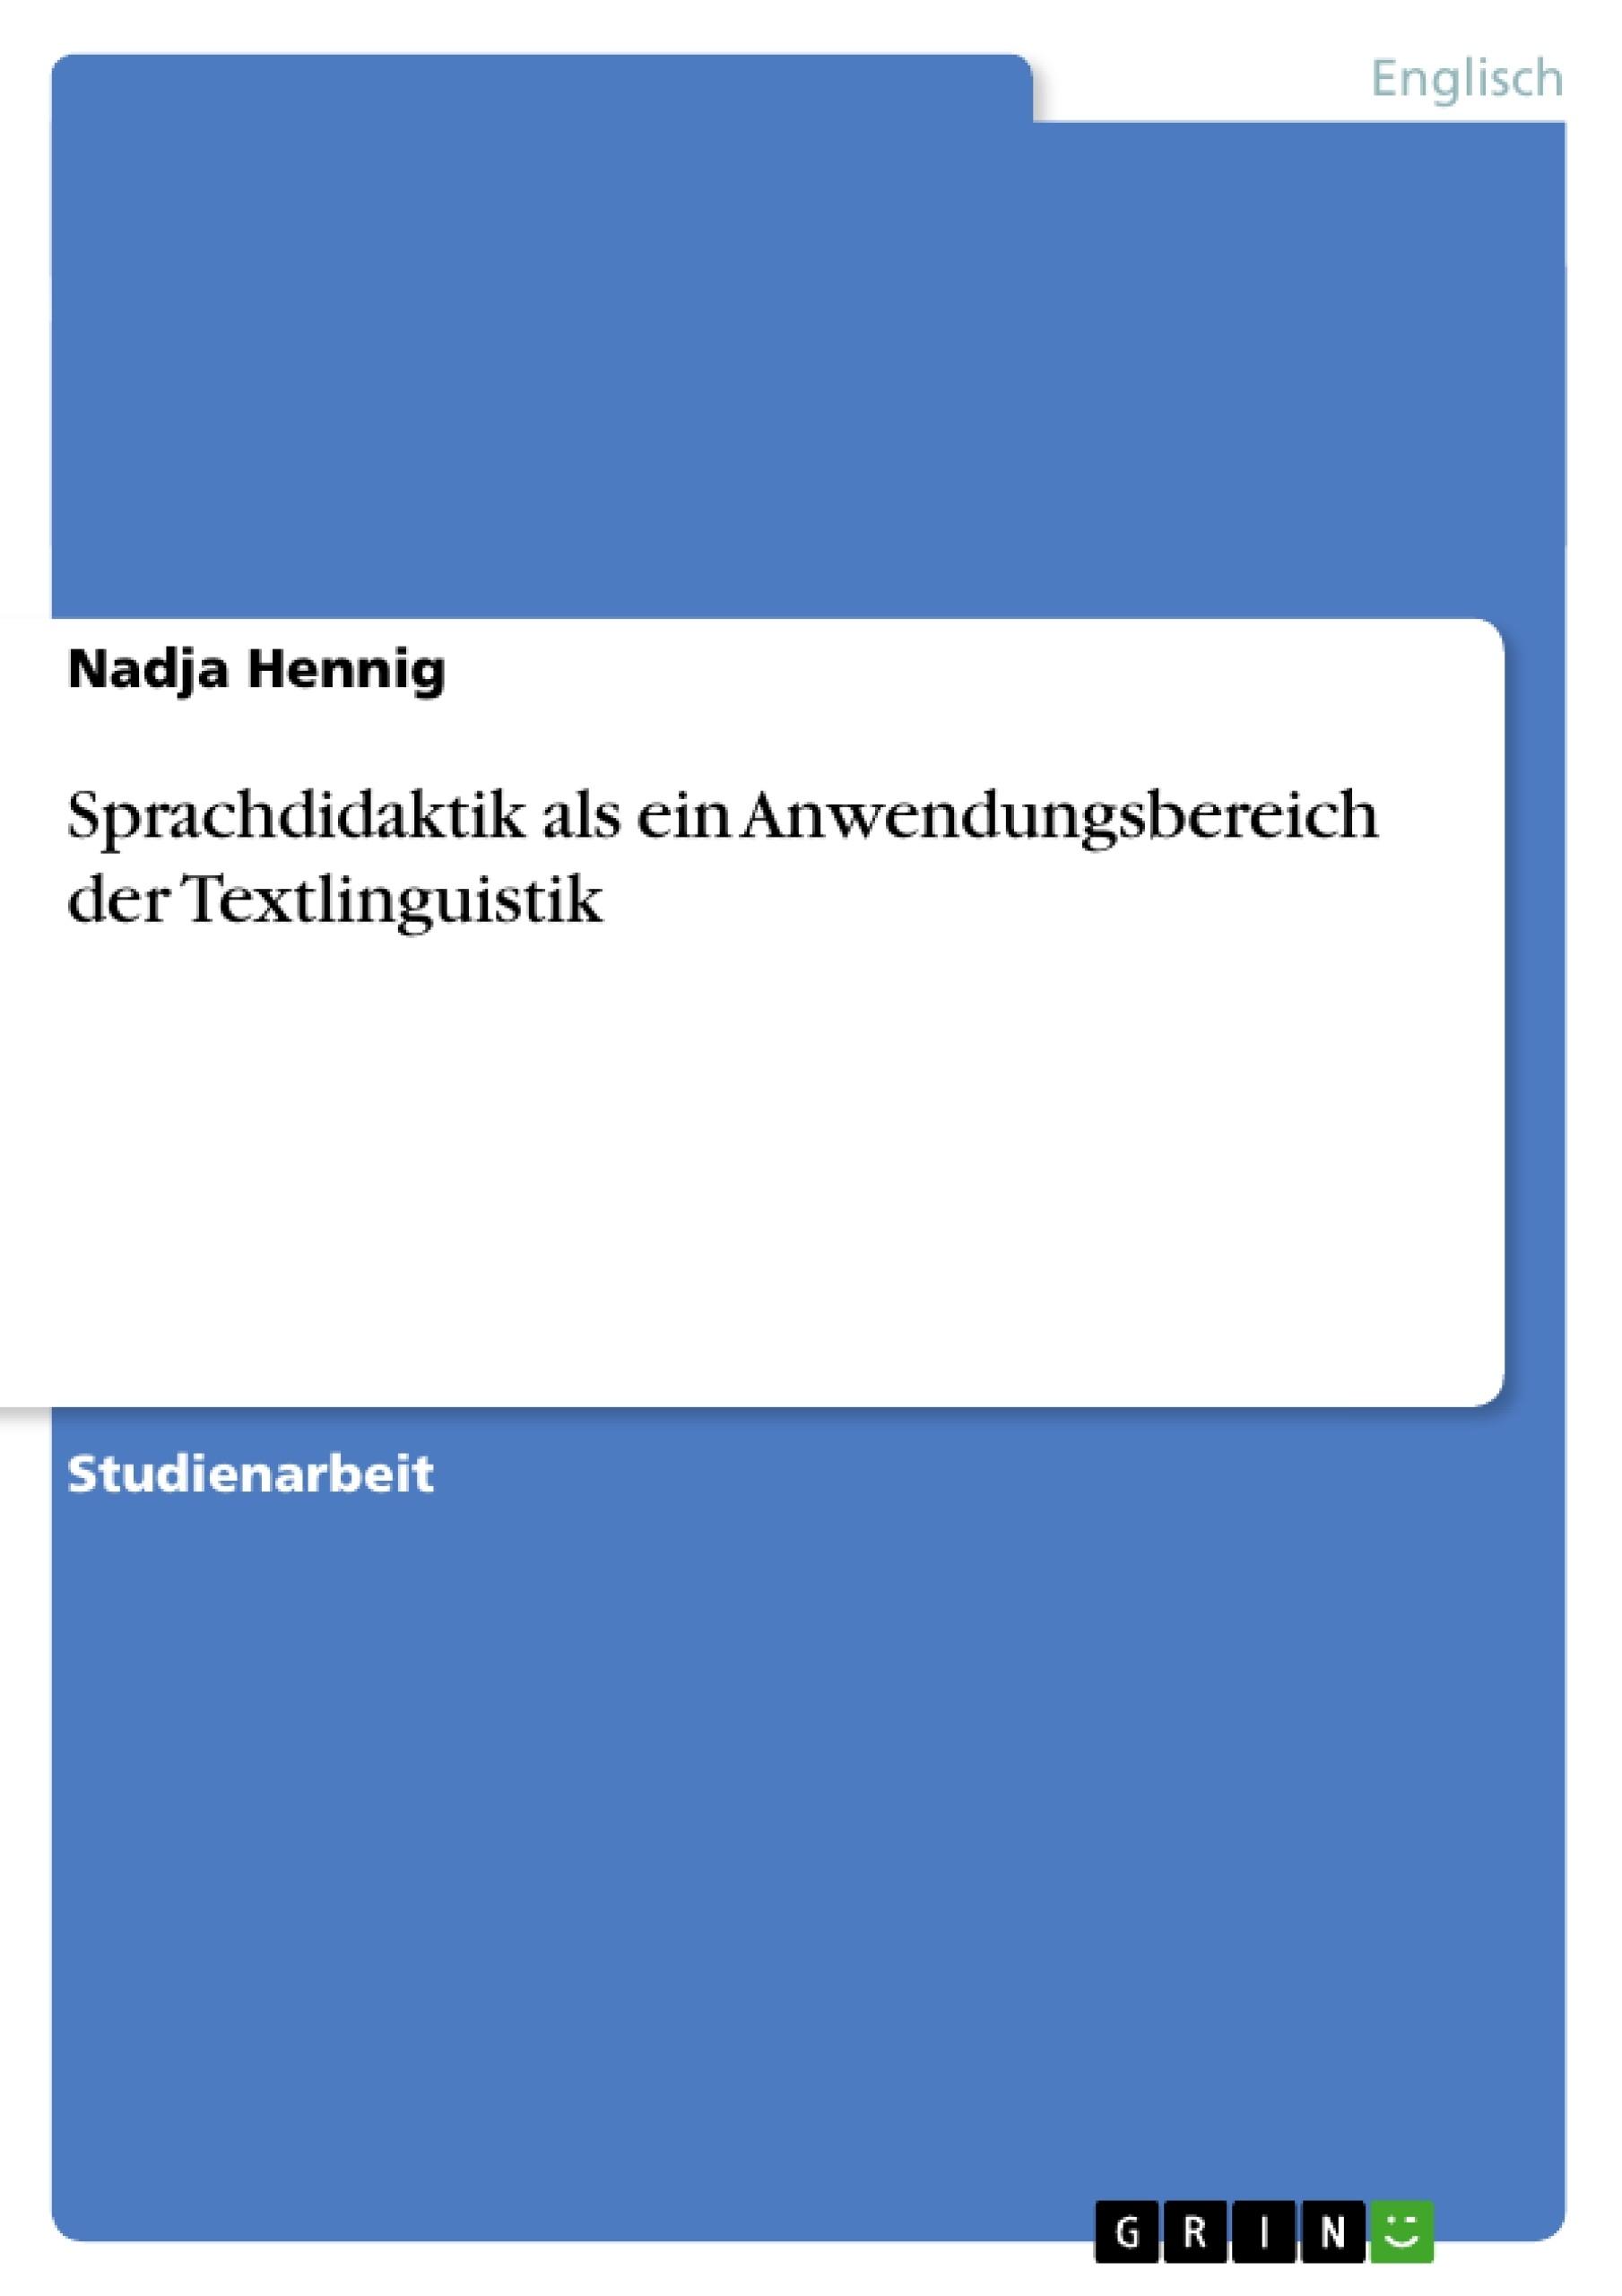 Titel: Sprachdidaktik als ein Anwendungsbereich der Textlinguistik